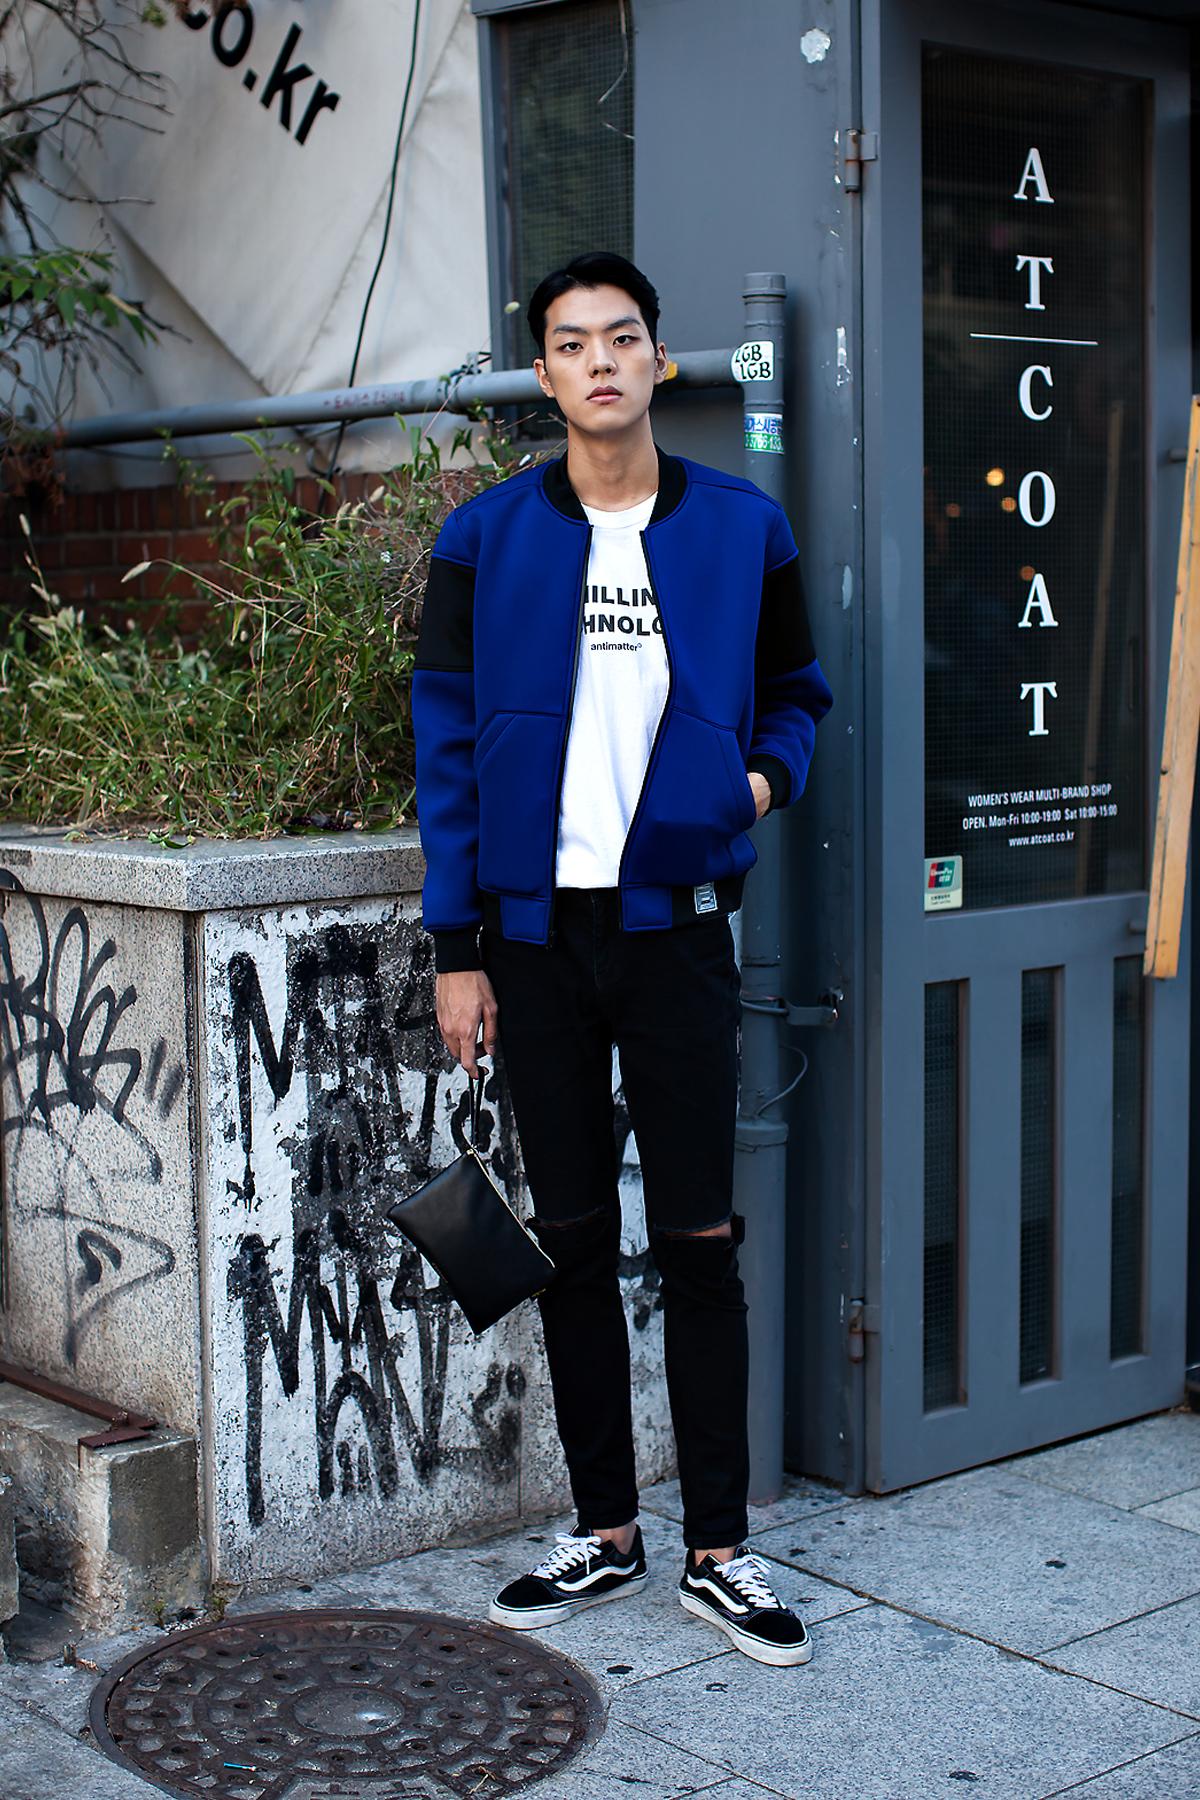 Hong Hyunwoo, Street Fashion 2017 in Seoul.jpg